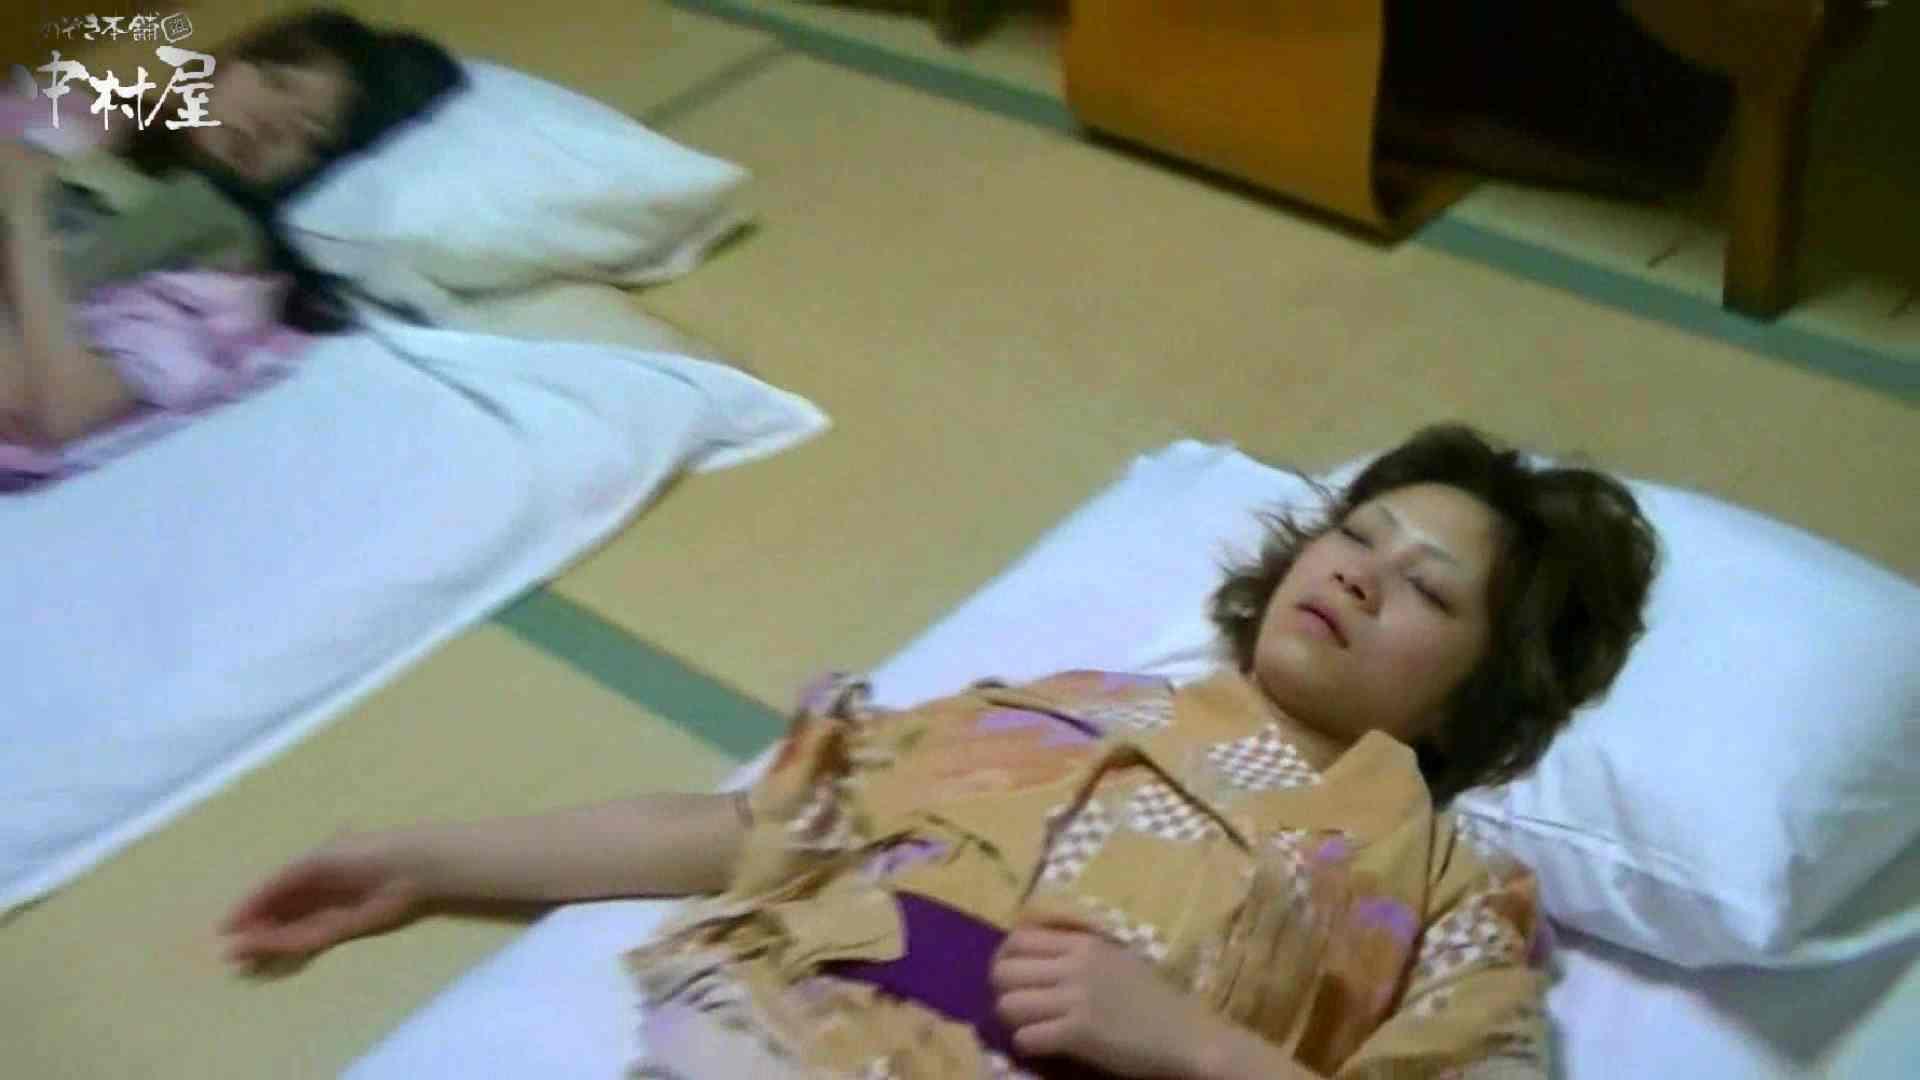 ネムリ姫 vol.18 ホテル 盗撮セックス無修正動画無料 106画像 27